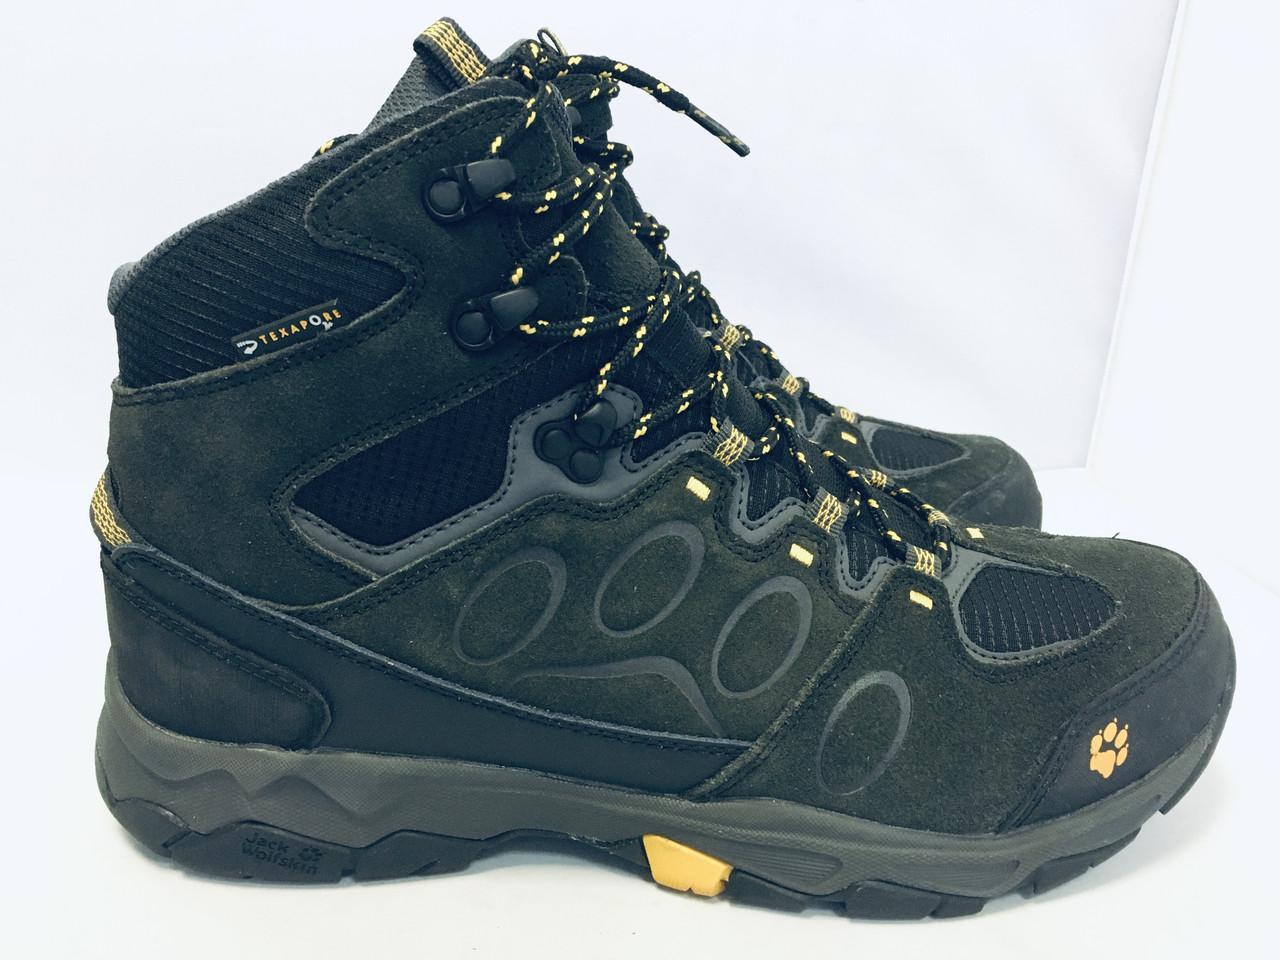 Мужские ботинки Jack Wolfskin, 43 размер